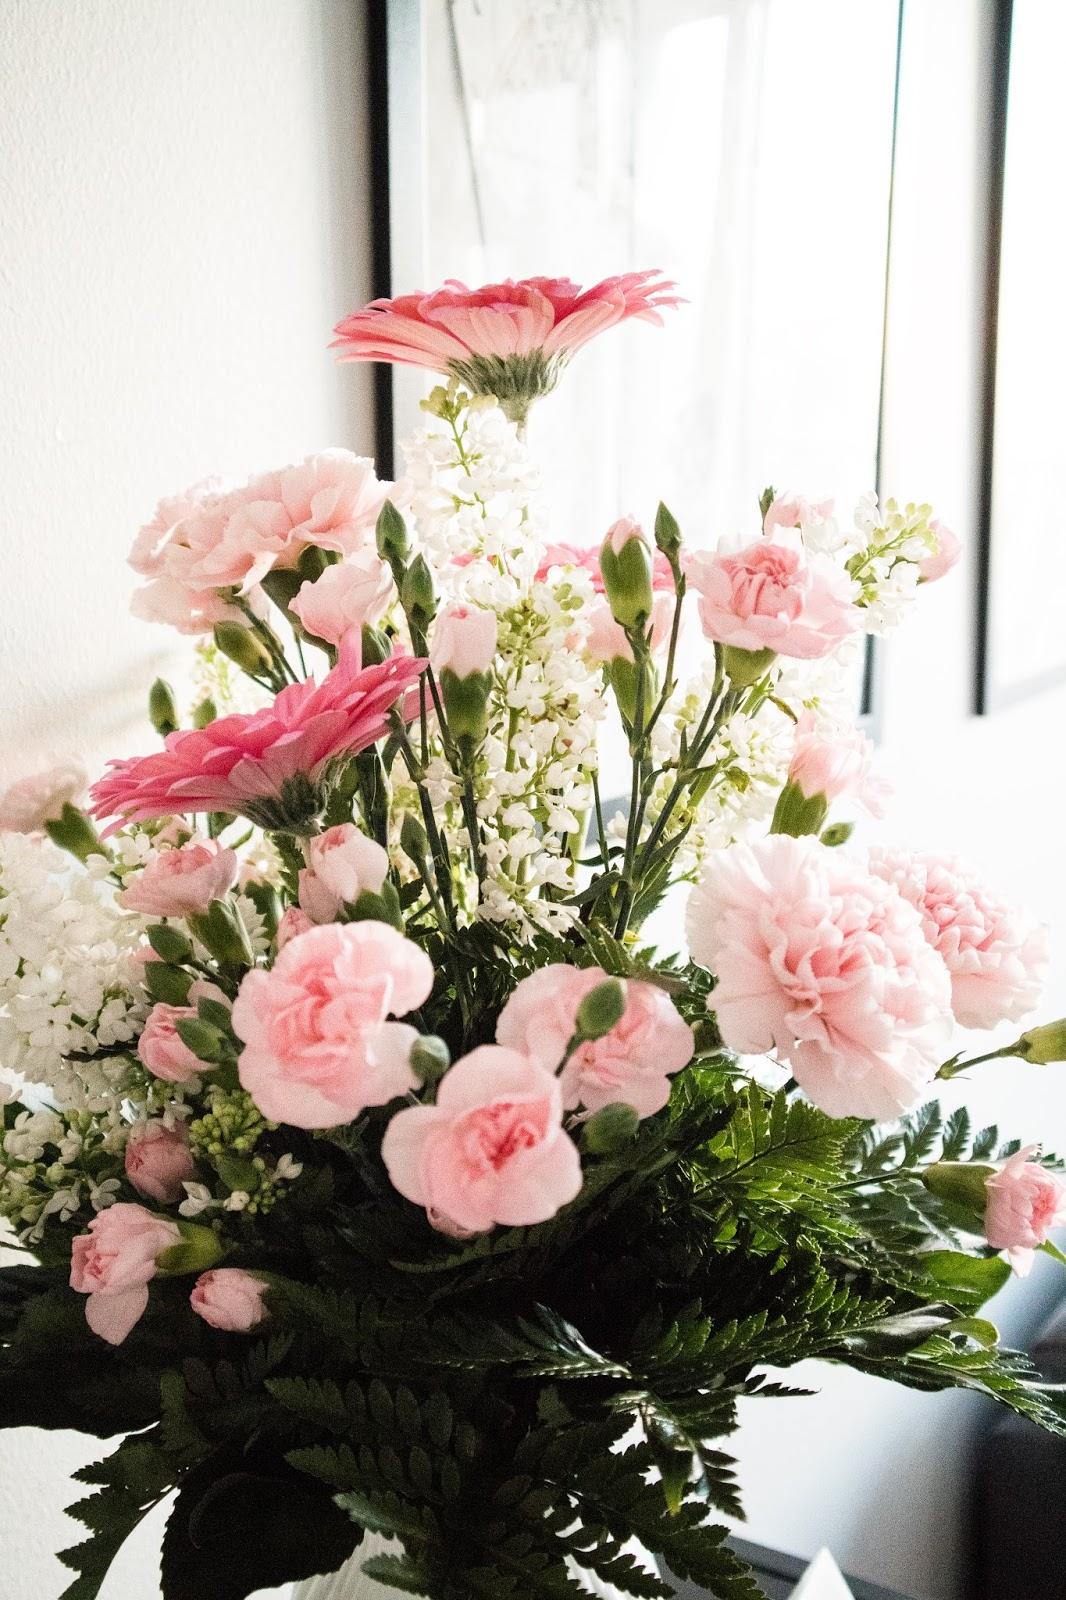 ristiäiset, nimijuhla, nimiäiset, vauva, vauvavuosi, kukka-asetelma, kukat